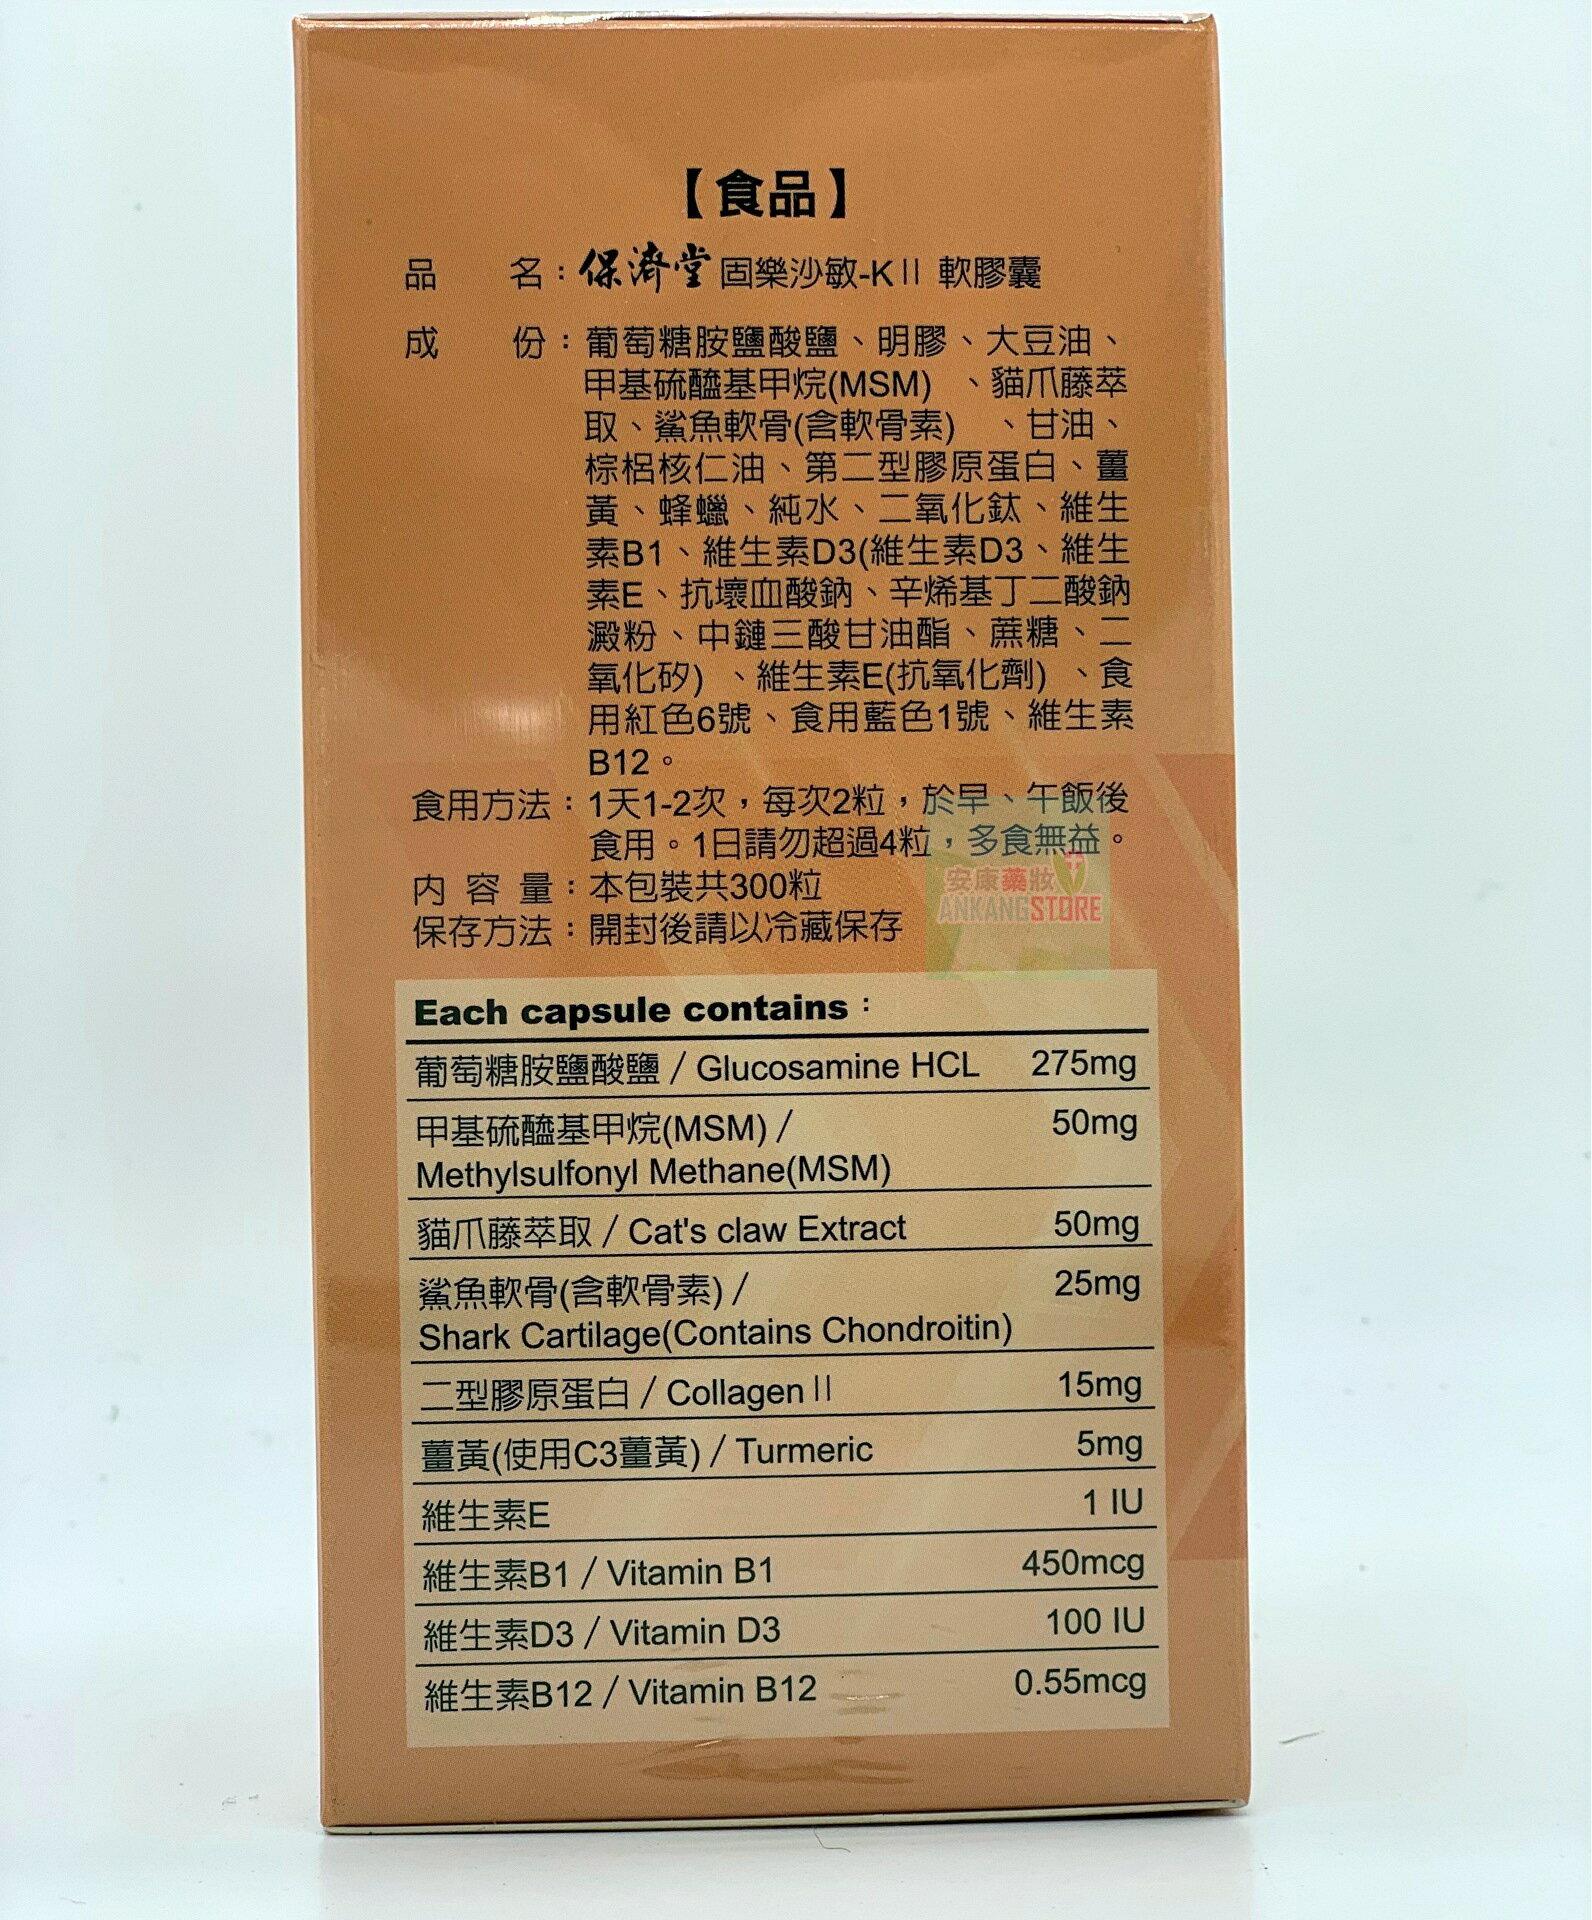 保濟堂  固樂沙敏KII加強新配方軟膠囊 300粒/瓶【樂天網銀結帳10%回饋】